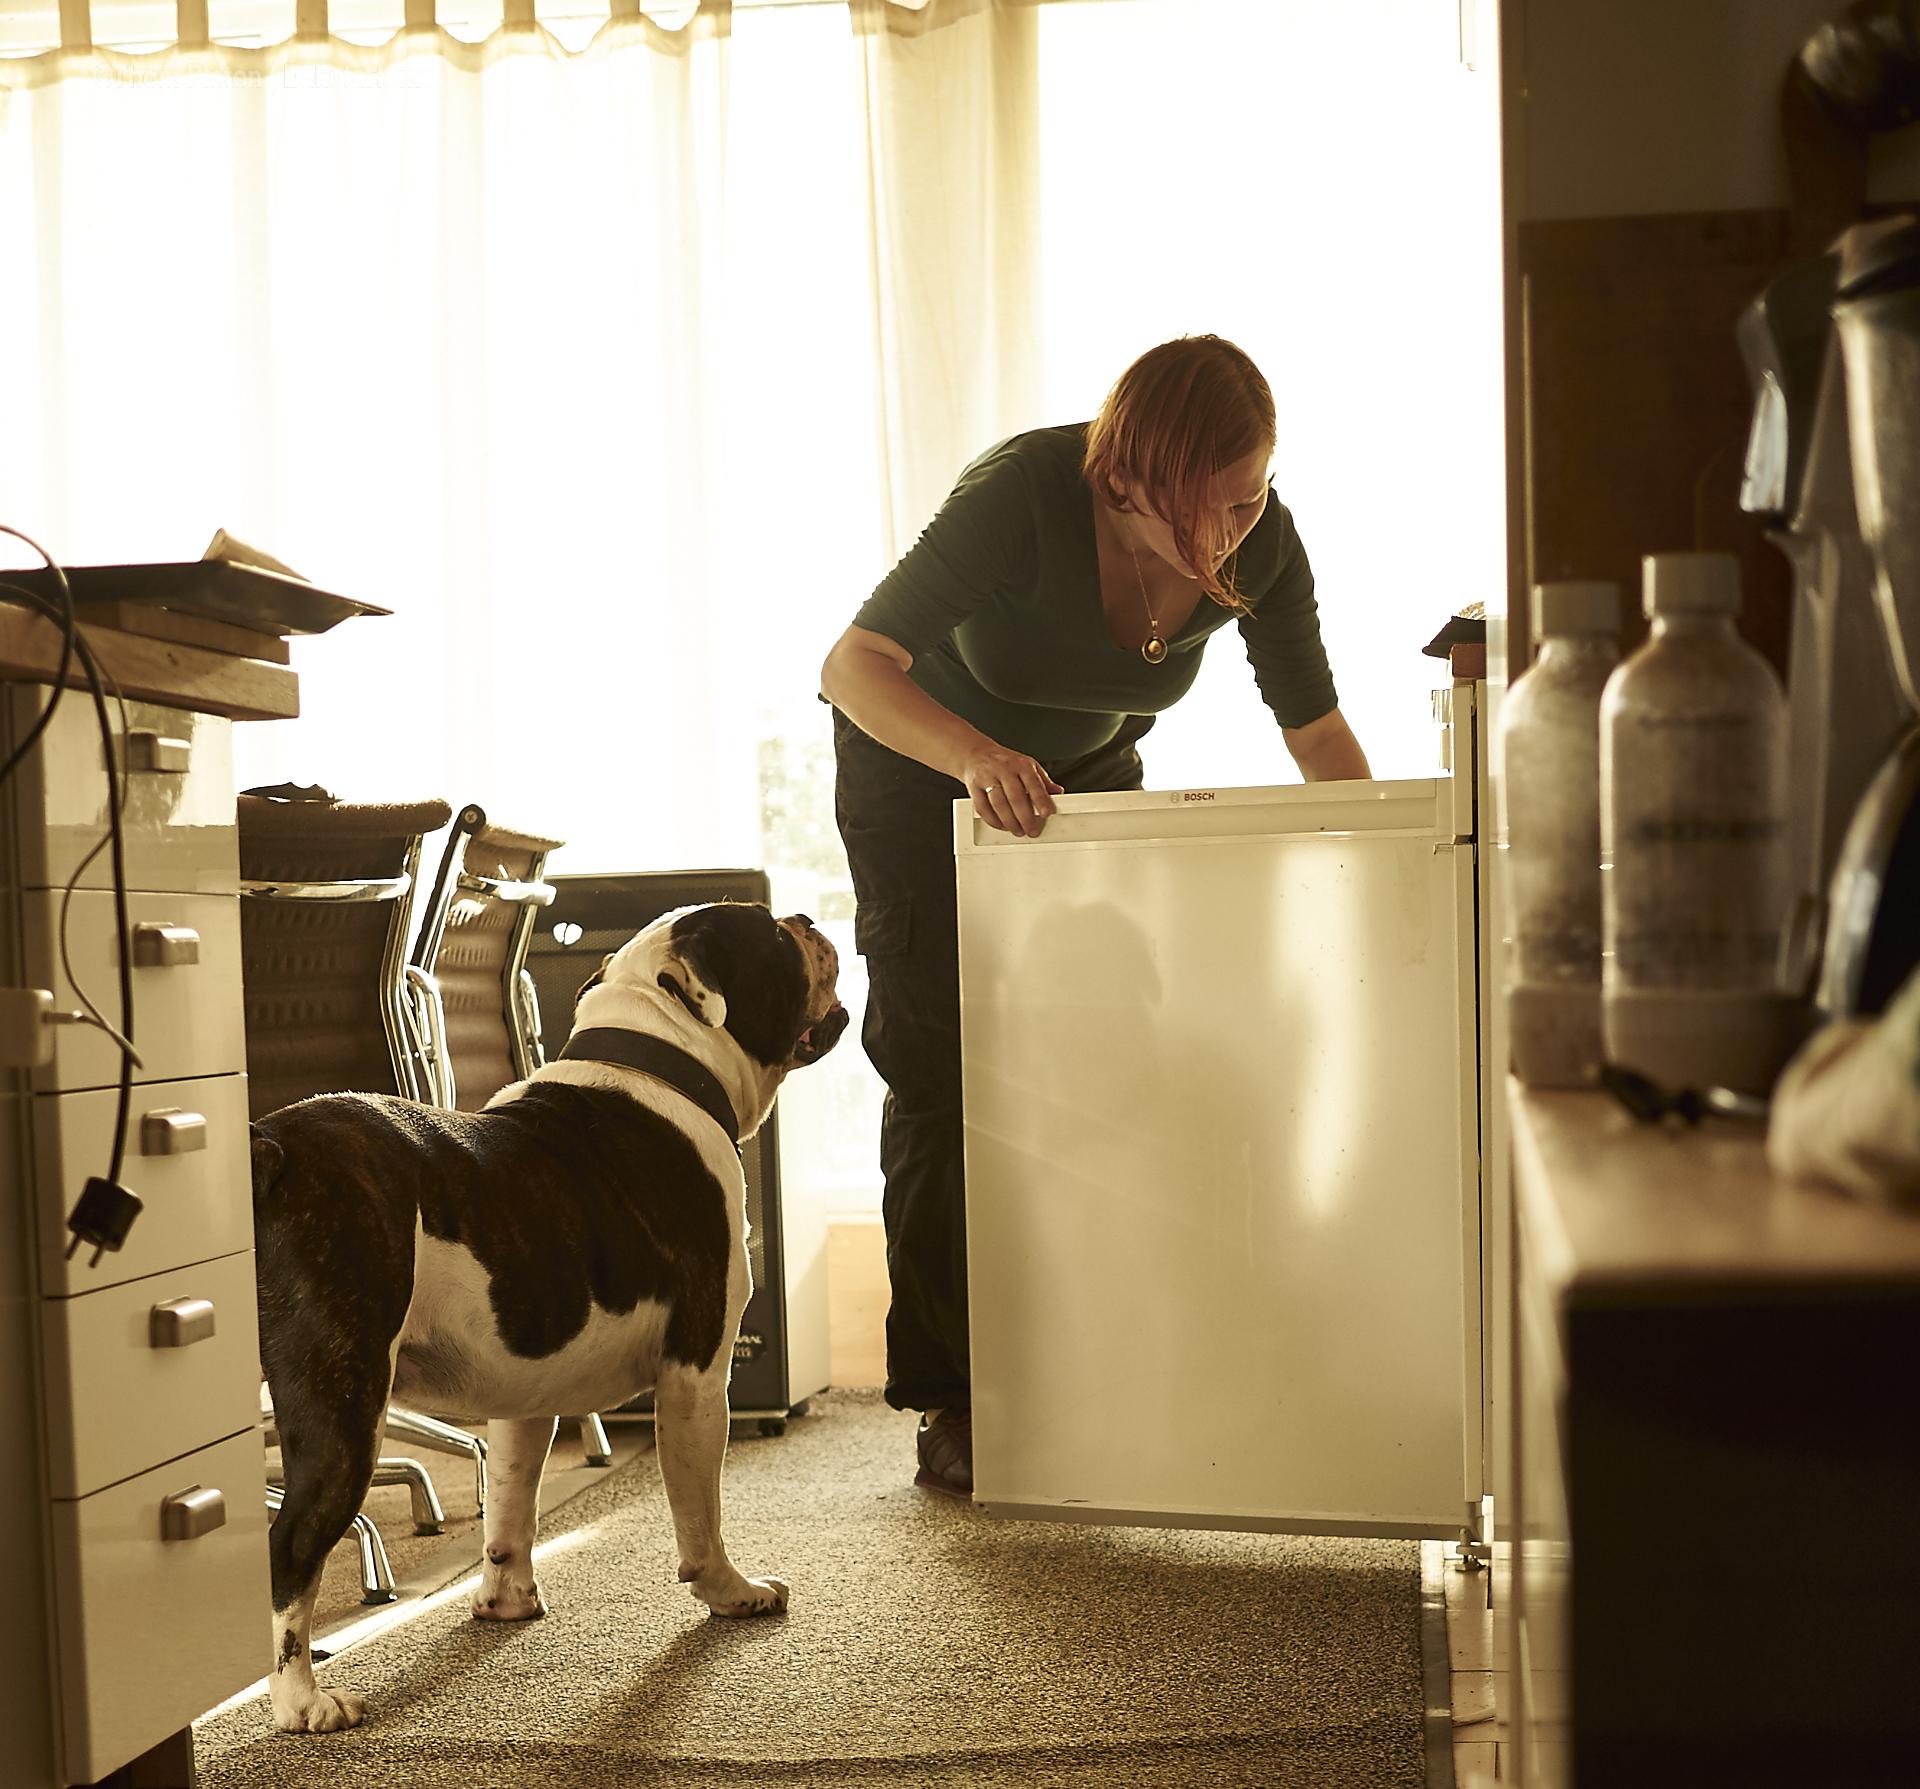 alwin the olde british bulldog muss natuerlich auch die ordnung im kühlschrank im auge behalten..